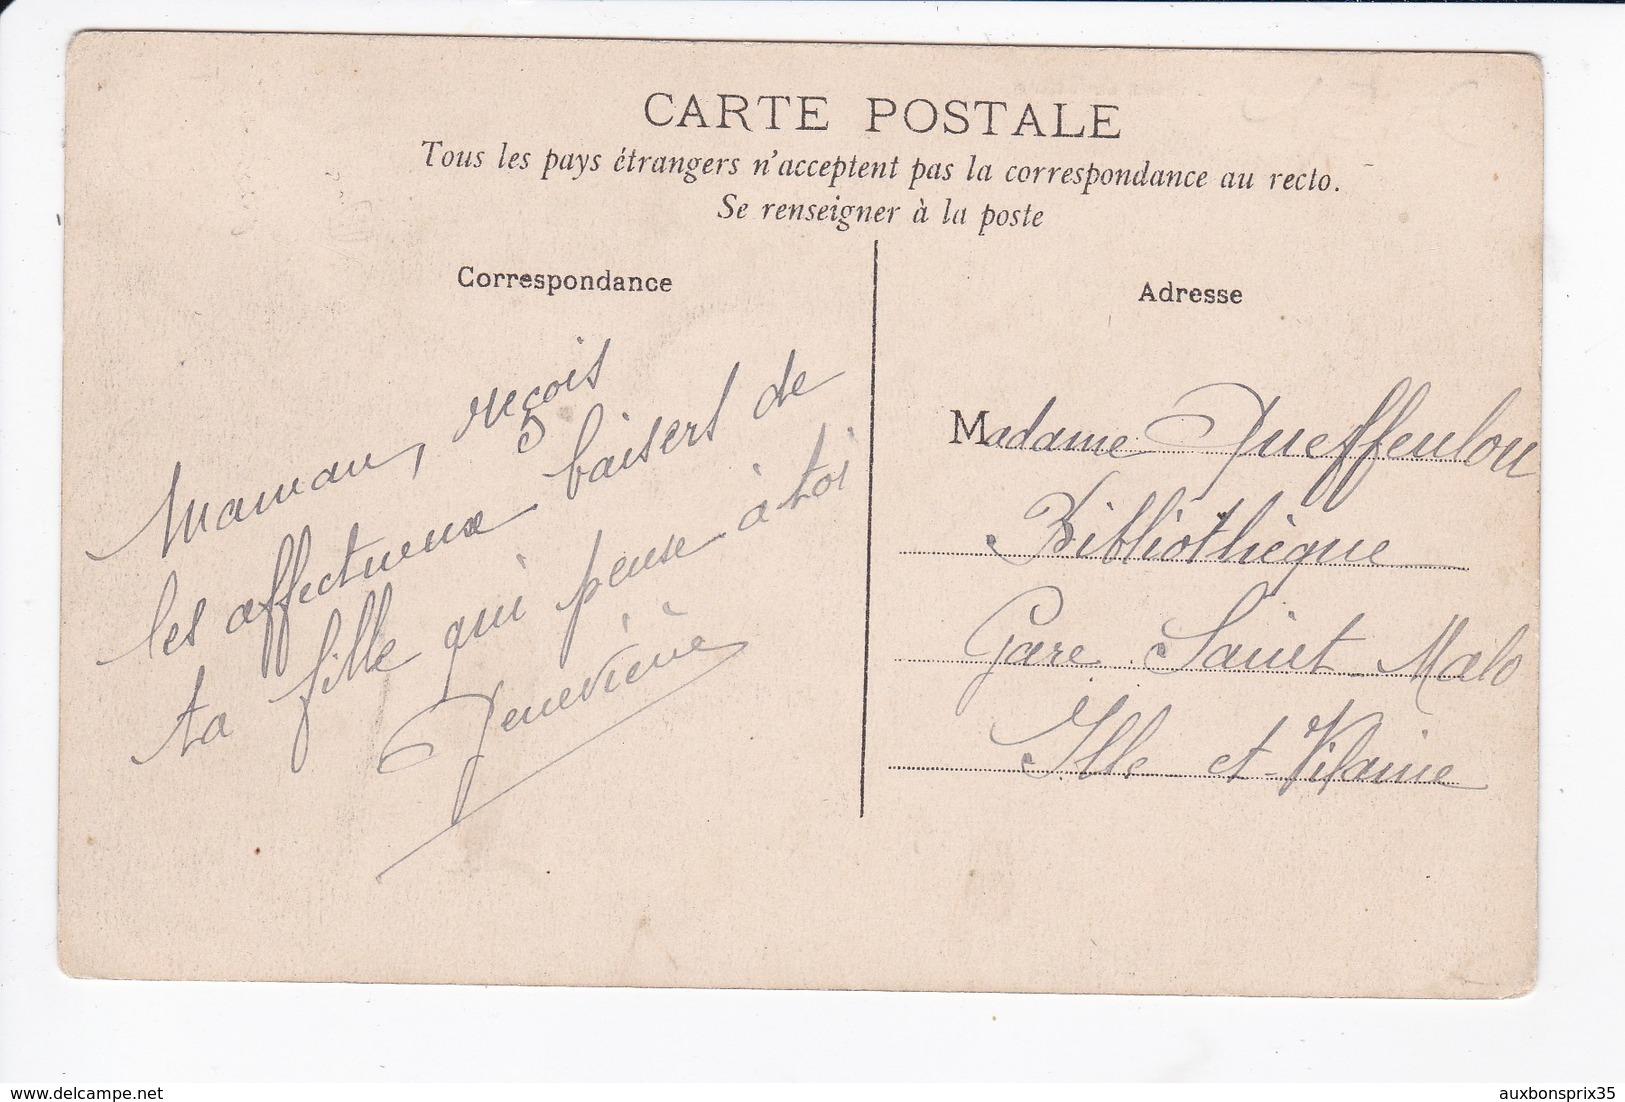 BAGAUER PICAN - BAGUER PICAN - BUREAU DE TABAC - 35 - France